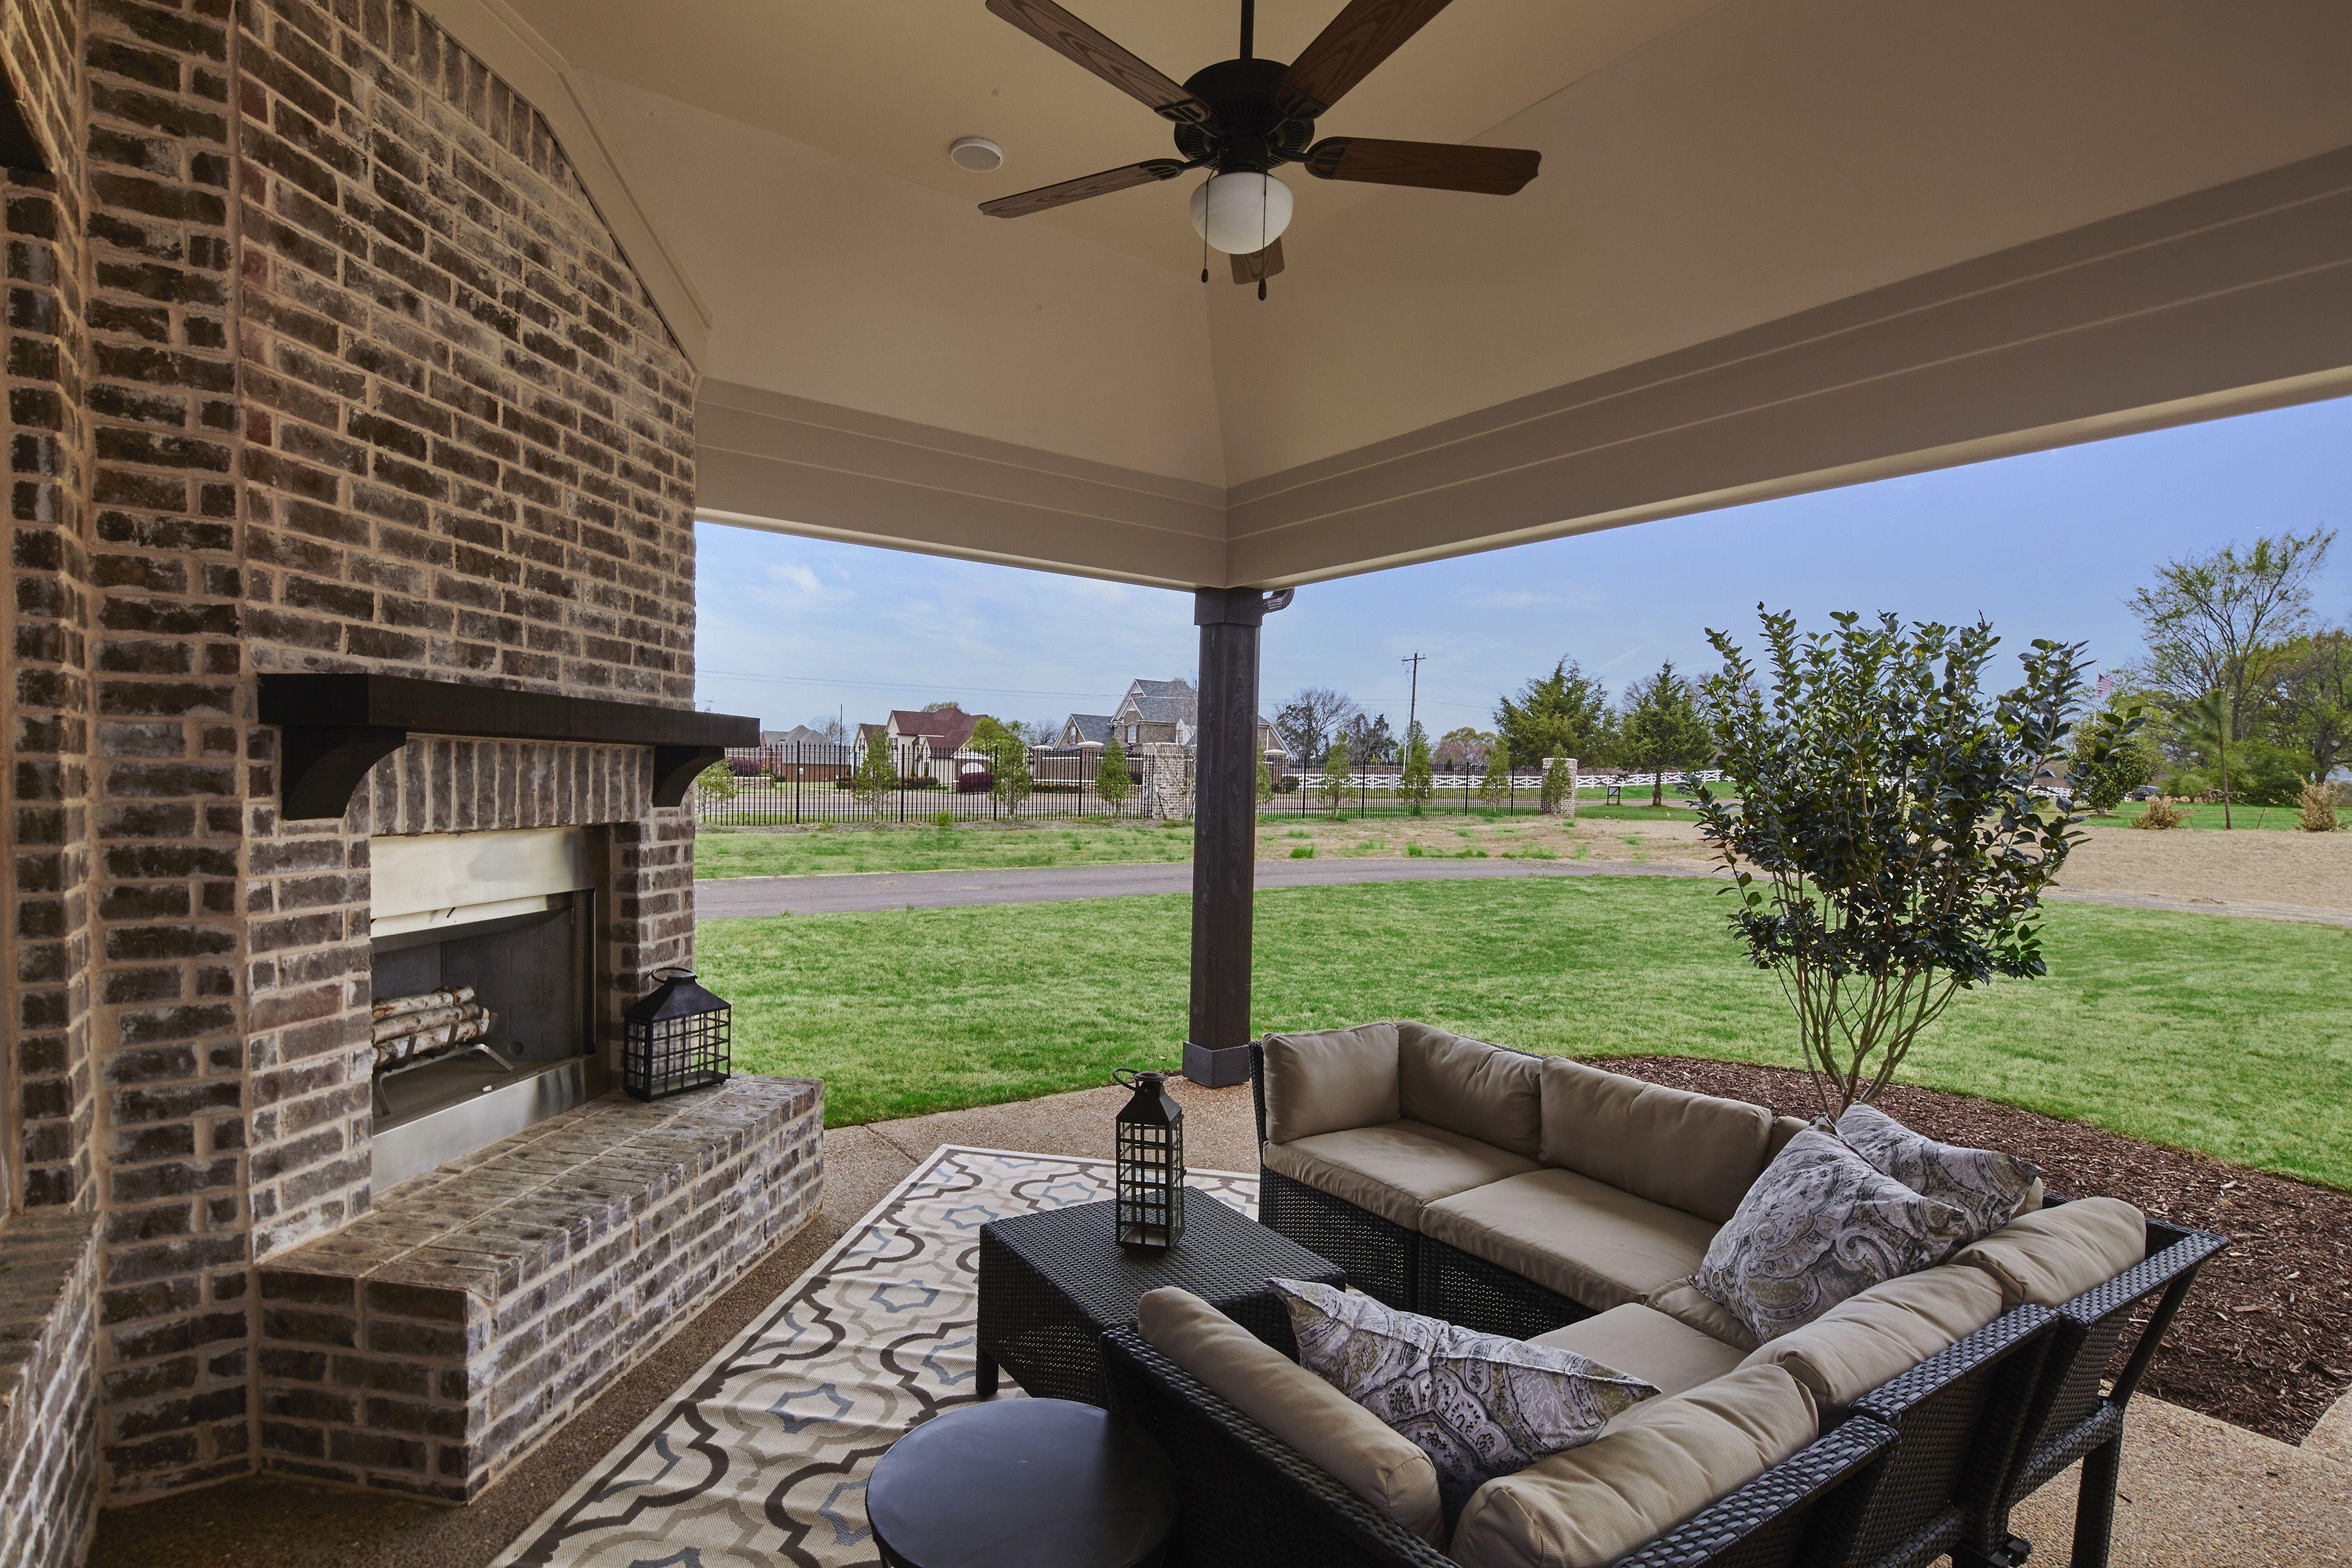 Regency Homebuilders Outdoor Living Area Brick Fireplace Building A House Outdoor Living Areas Outdoor Living